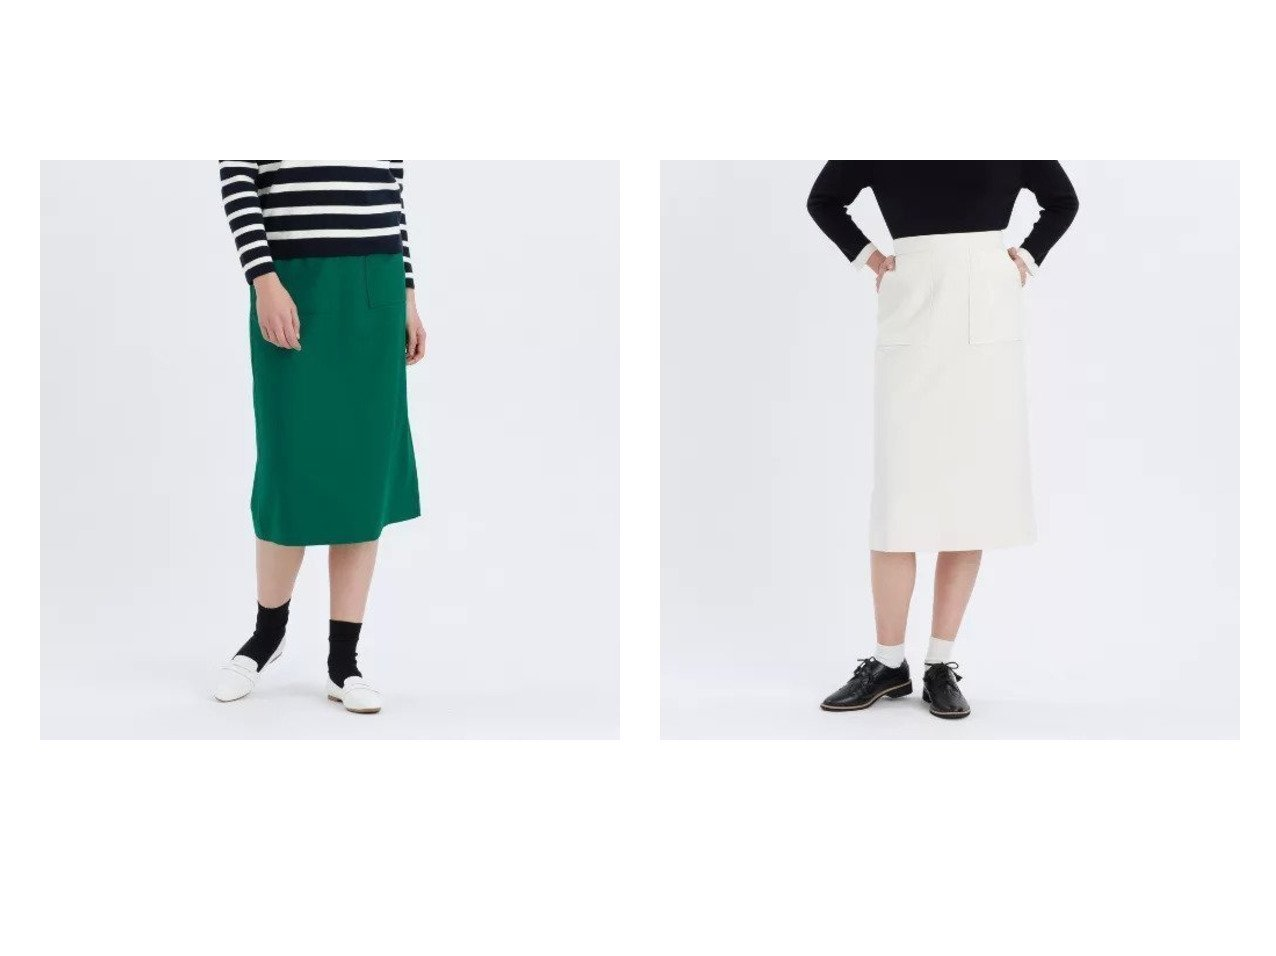 【MACKINTOSH PHILOSOPHY/マッキントッシュ フィロソフィー】の先染めツイルスカート スカートのおすすめ!人気、トレンド・レディースファッションの通販 おすすめで人気の流行・トレンド、ファッションの通販商品 メンズファッション・キッズファッション・インテリア・家具・レディースファッション・服の通販 founy(ファニー) https://founy.com/ ファッション Fashion レディースファッション WOMEN スカート Skirt ギンガム ストレッチ チェック ボトム 洗える |ID:crp329100000024726